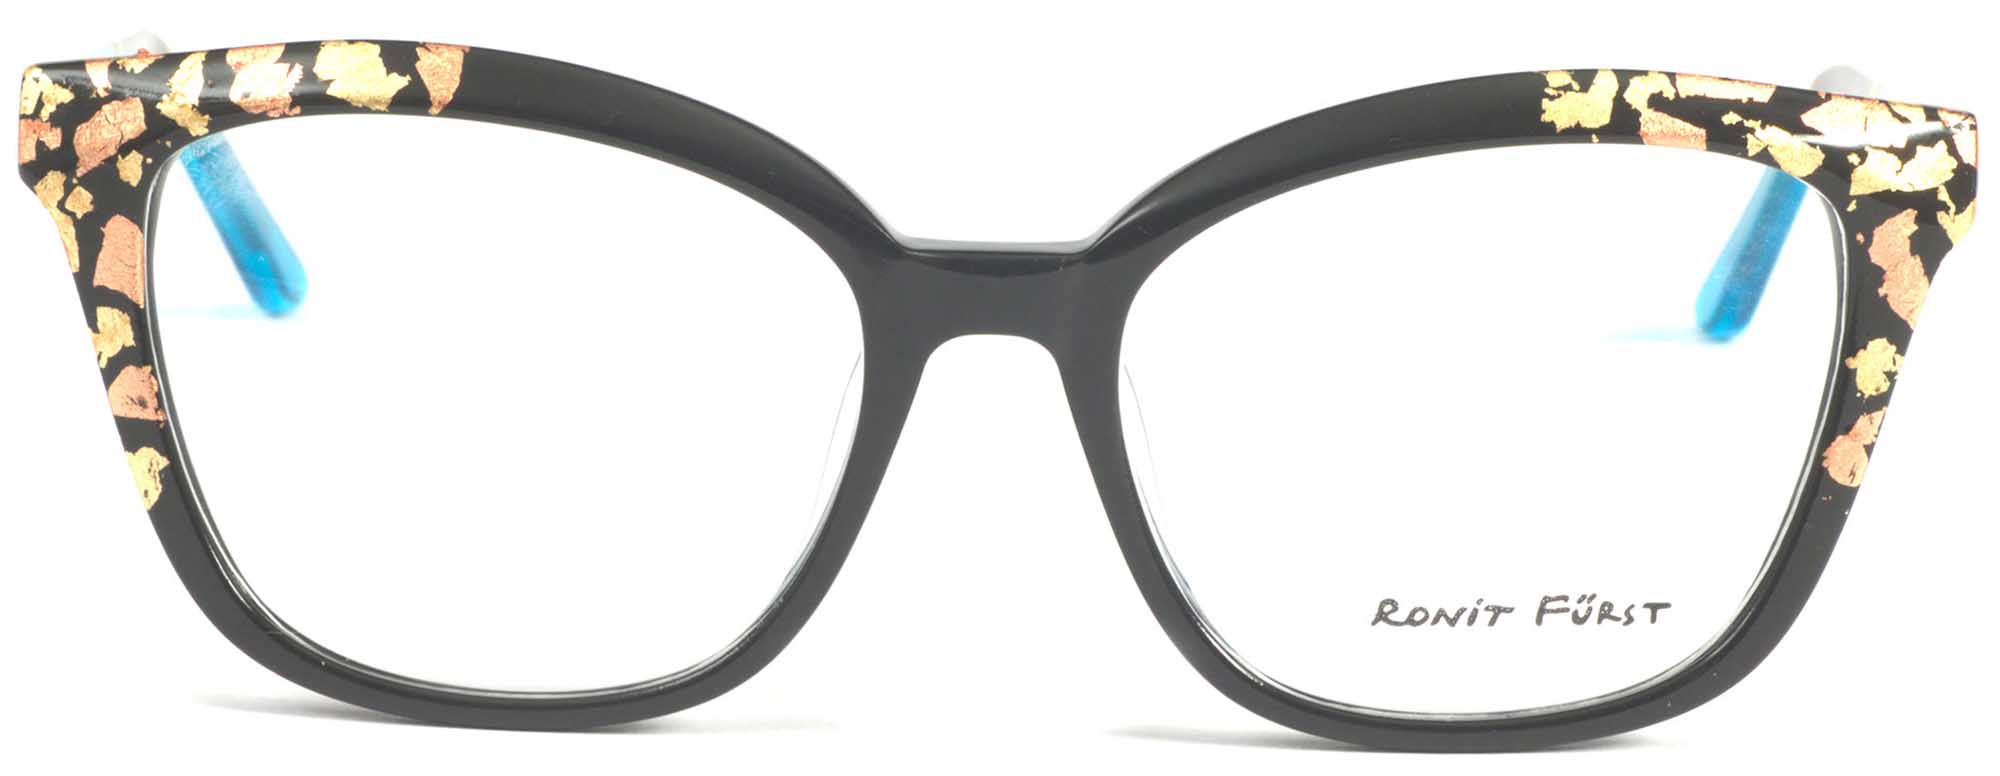 רונית פירסט, משקפיים, מגזין אופנה ישראלי - אופנה - 1